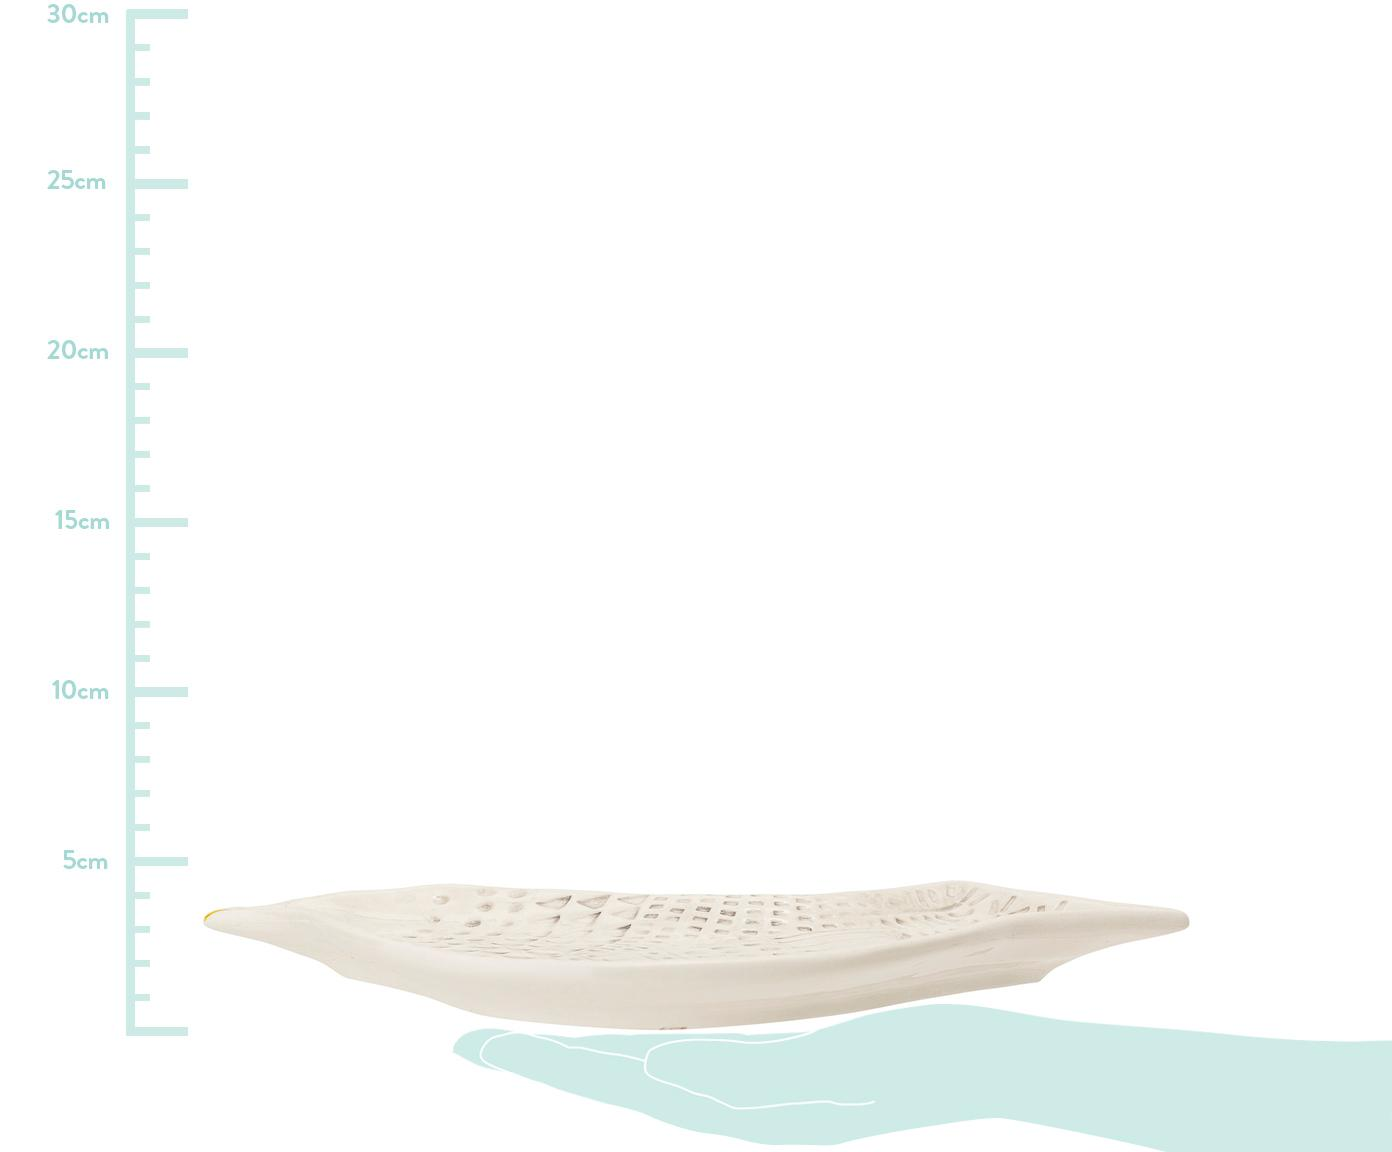 Tablett Tata, Dolomitstein, Keramik, Weiß, 18 x 29 cm